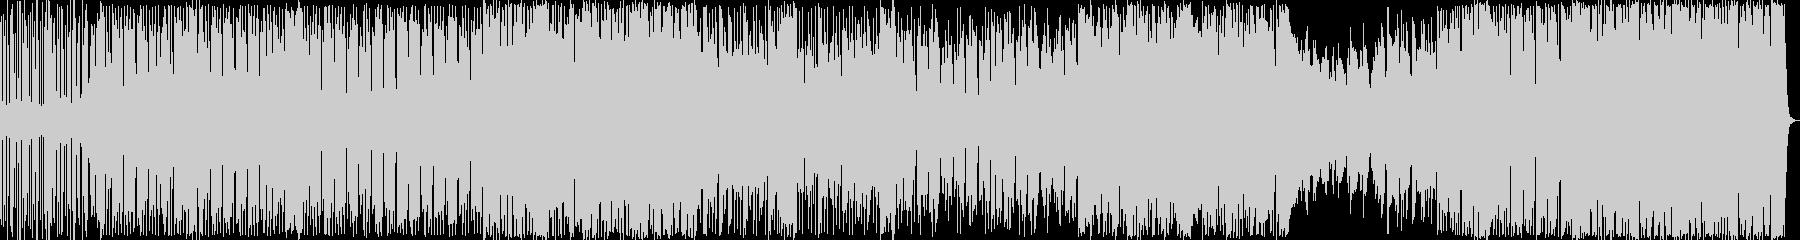 ヒップホップ風のリズムのR&Bの未再生の波形